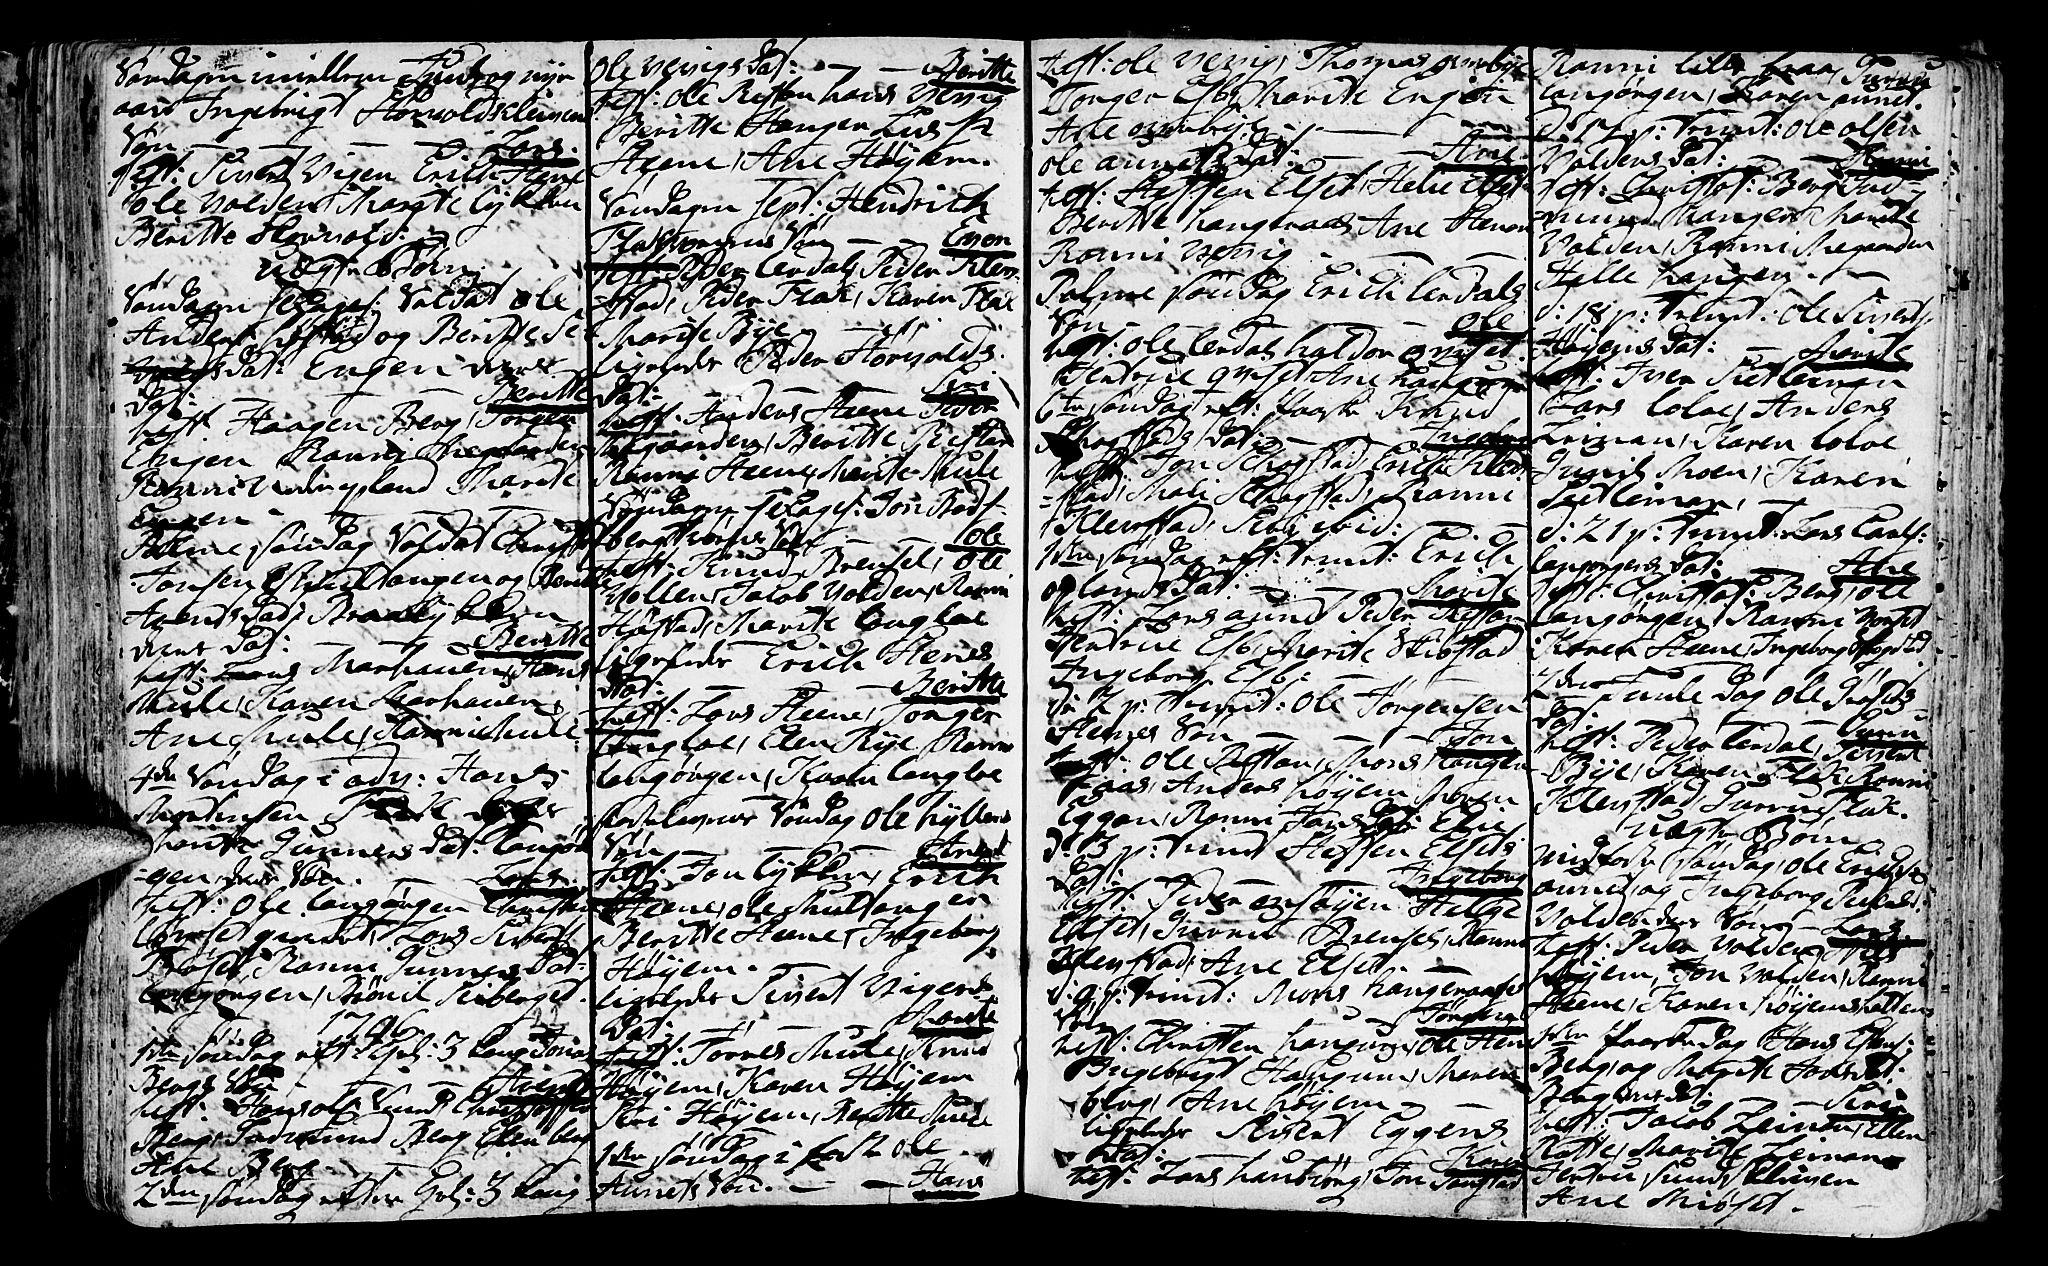 SAT, Ministerialprotokoller, klokkerbøker og fødselsregistre - Sør-Trøndelag, 612/L0370: Ministerialbok nr. 612A04, 1754-1802, s. 122